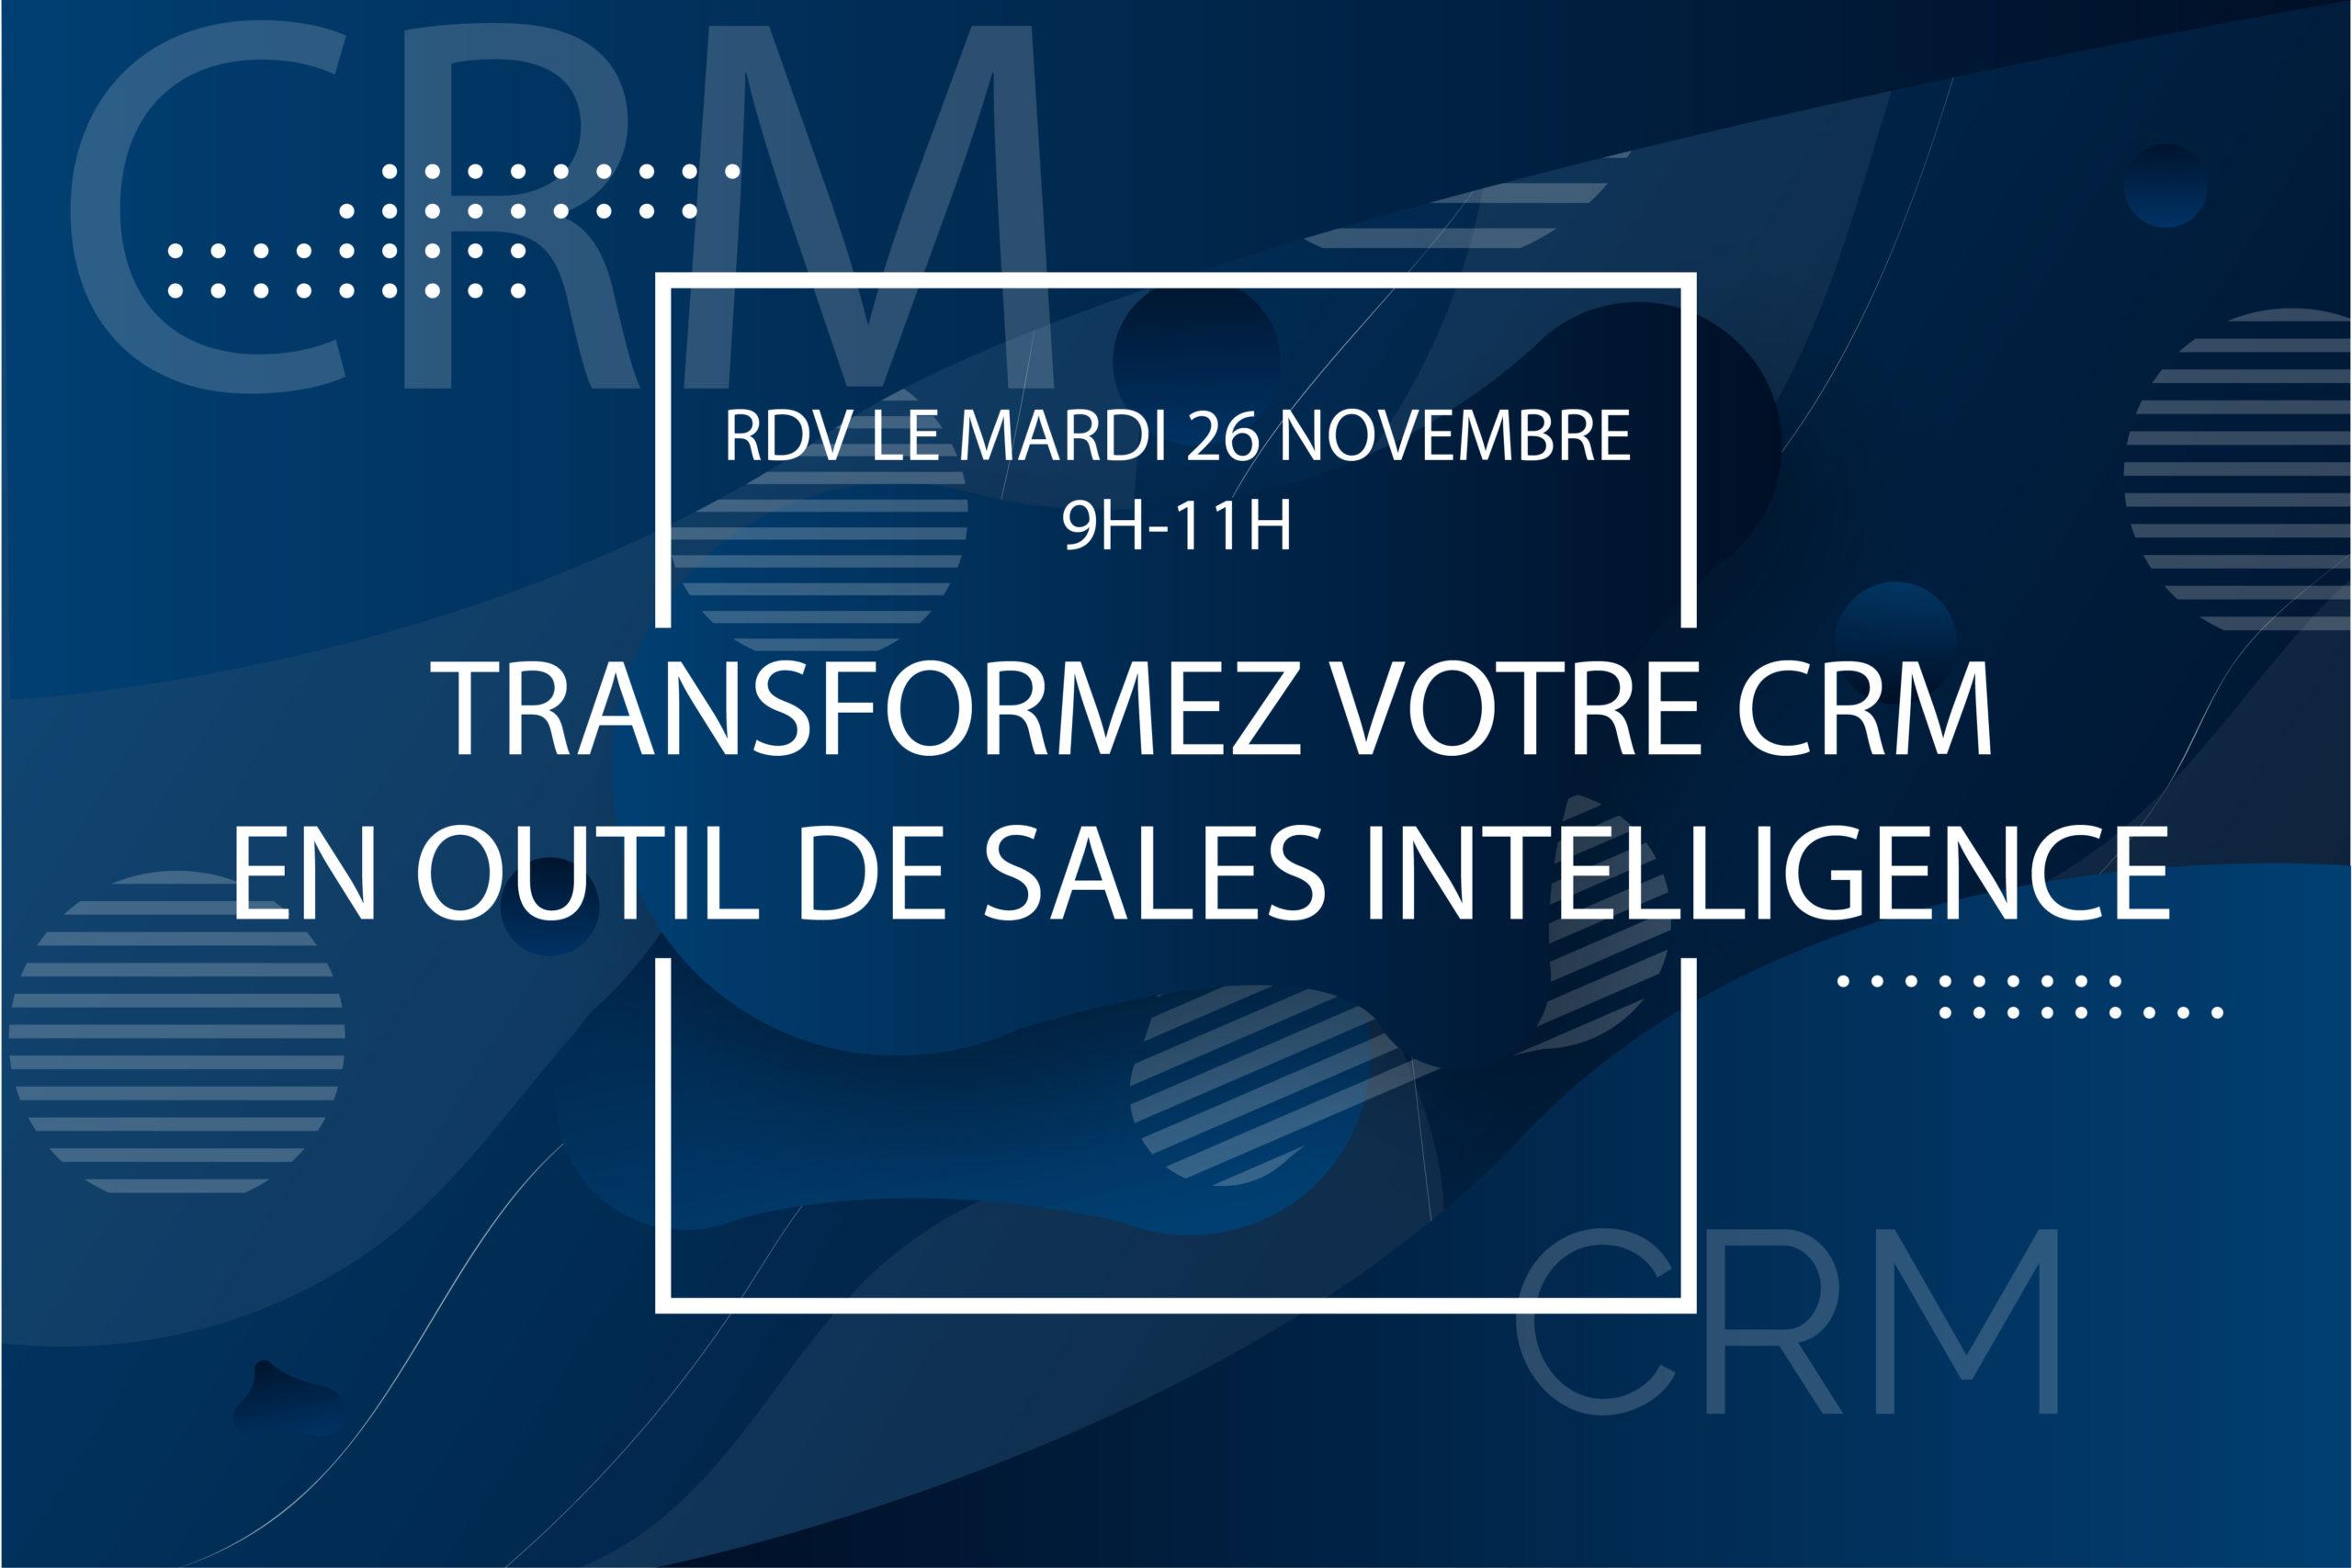 Évènement Transformez votre CRM en outil de Sales Intelligence Nomination